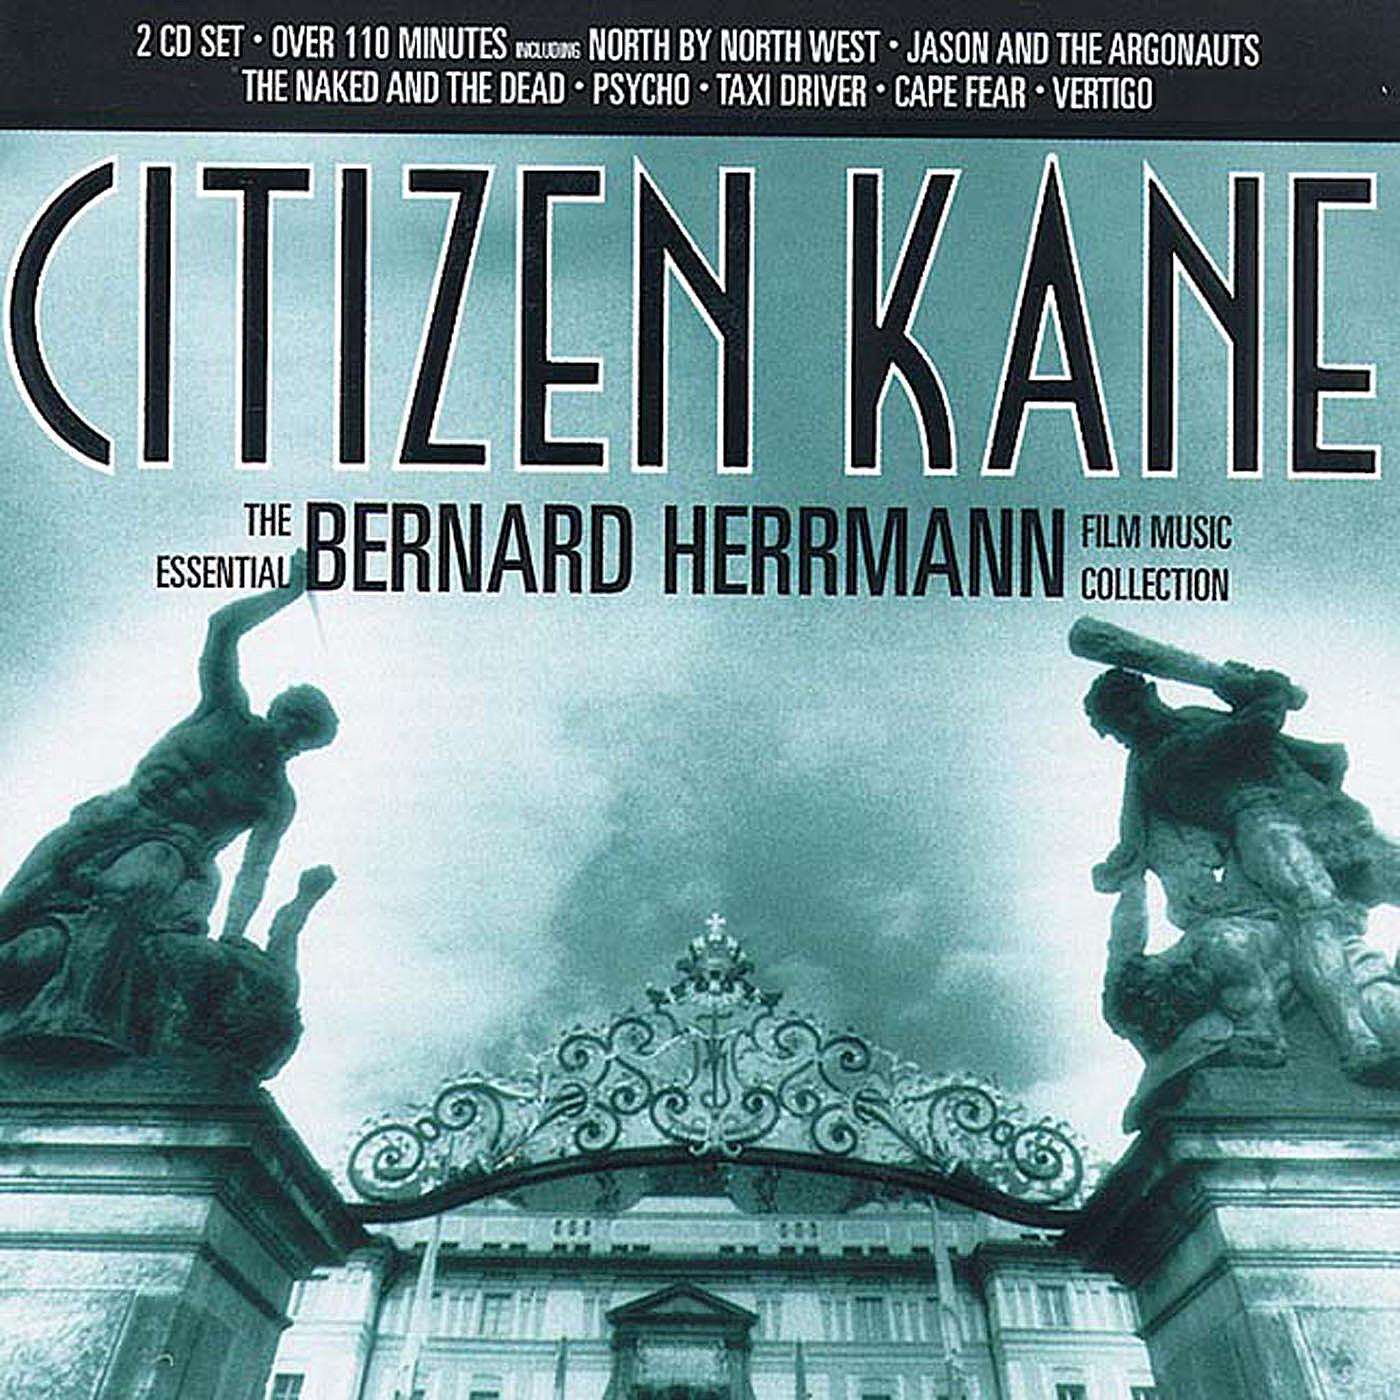 Citizen Kane: The Essential Bernard Herrmann